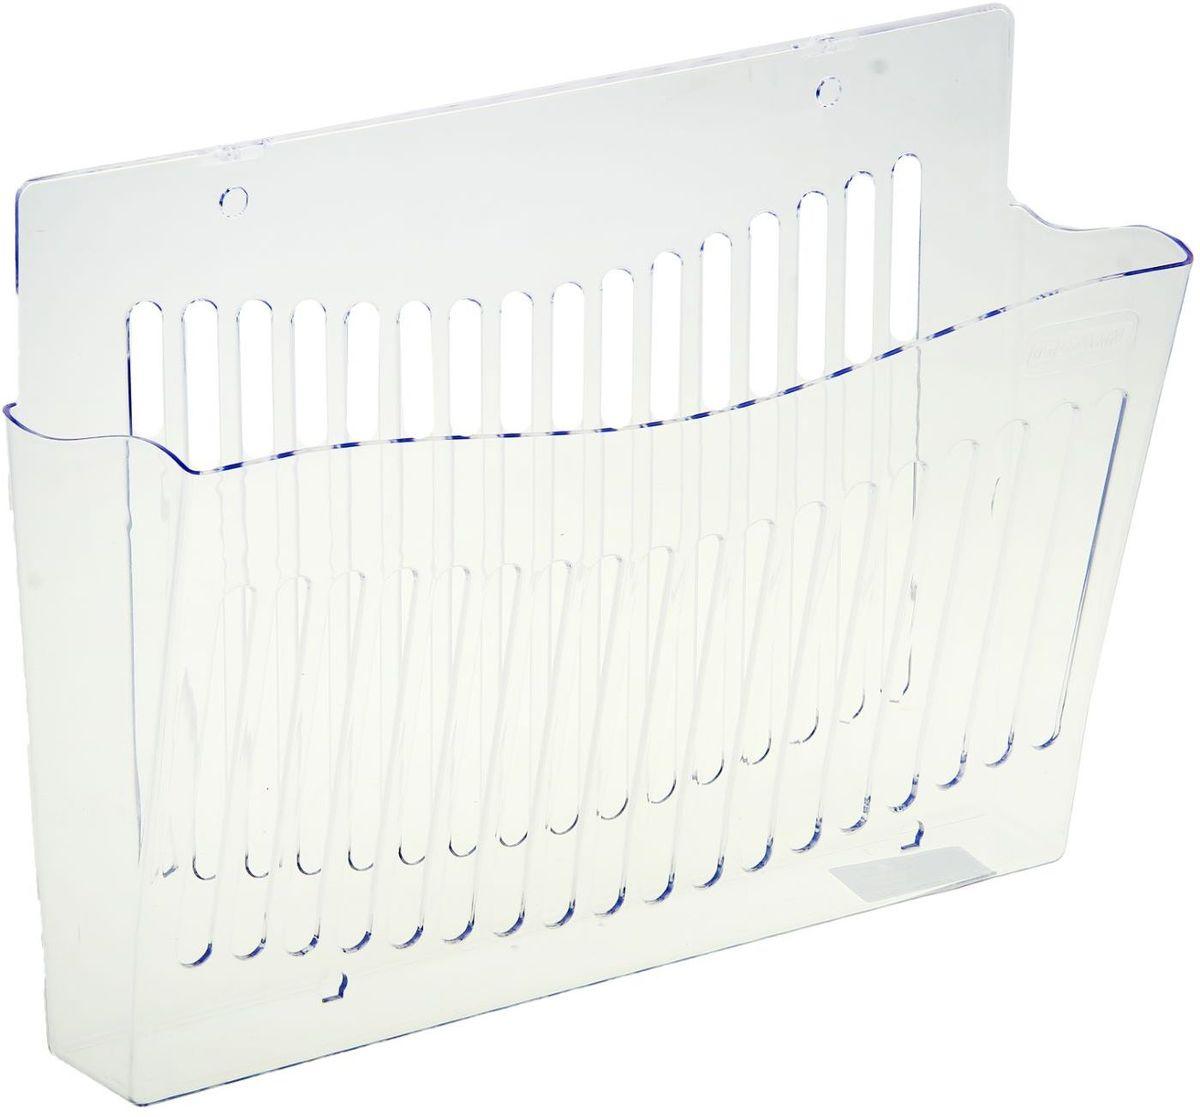 Стамм Лоток для бумаг настенный цвет прозрачный1147654Лоток для бумаг Стамм выполнен в современном элегантном дизайне из высококачественного прочного пластика. Имеет одно вместительное отделение для листов формата А4. Благодаря специальным вырубкам, лоток можно закрепить на стене. С лотком для бумаг Стамм на вашем рабочем столе всегда будет царить порядок, а важные бумаги будут под рукой и не потеряются.